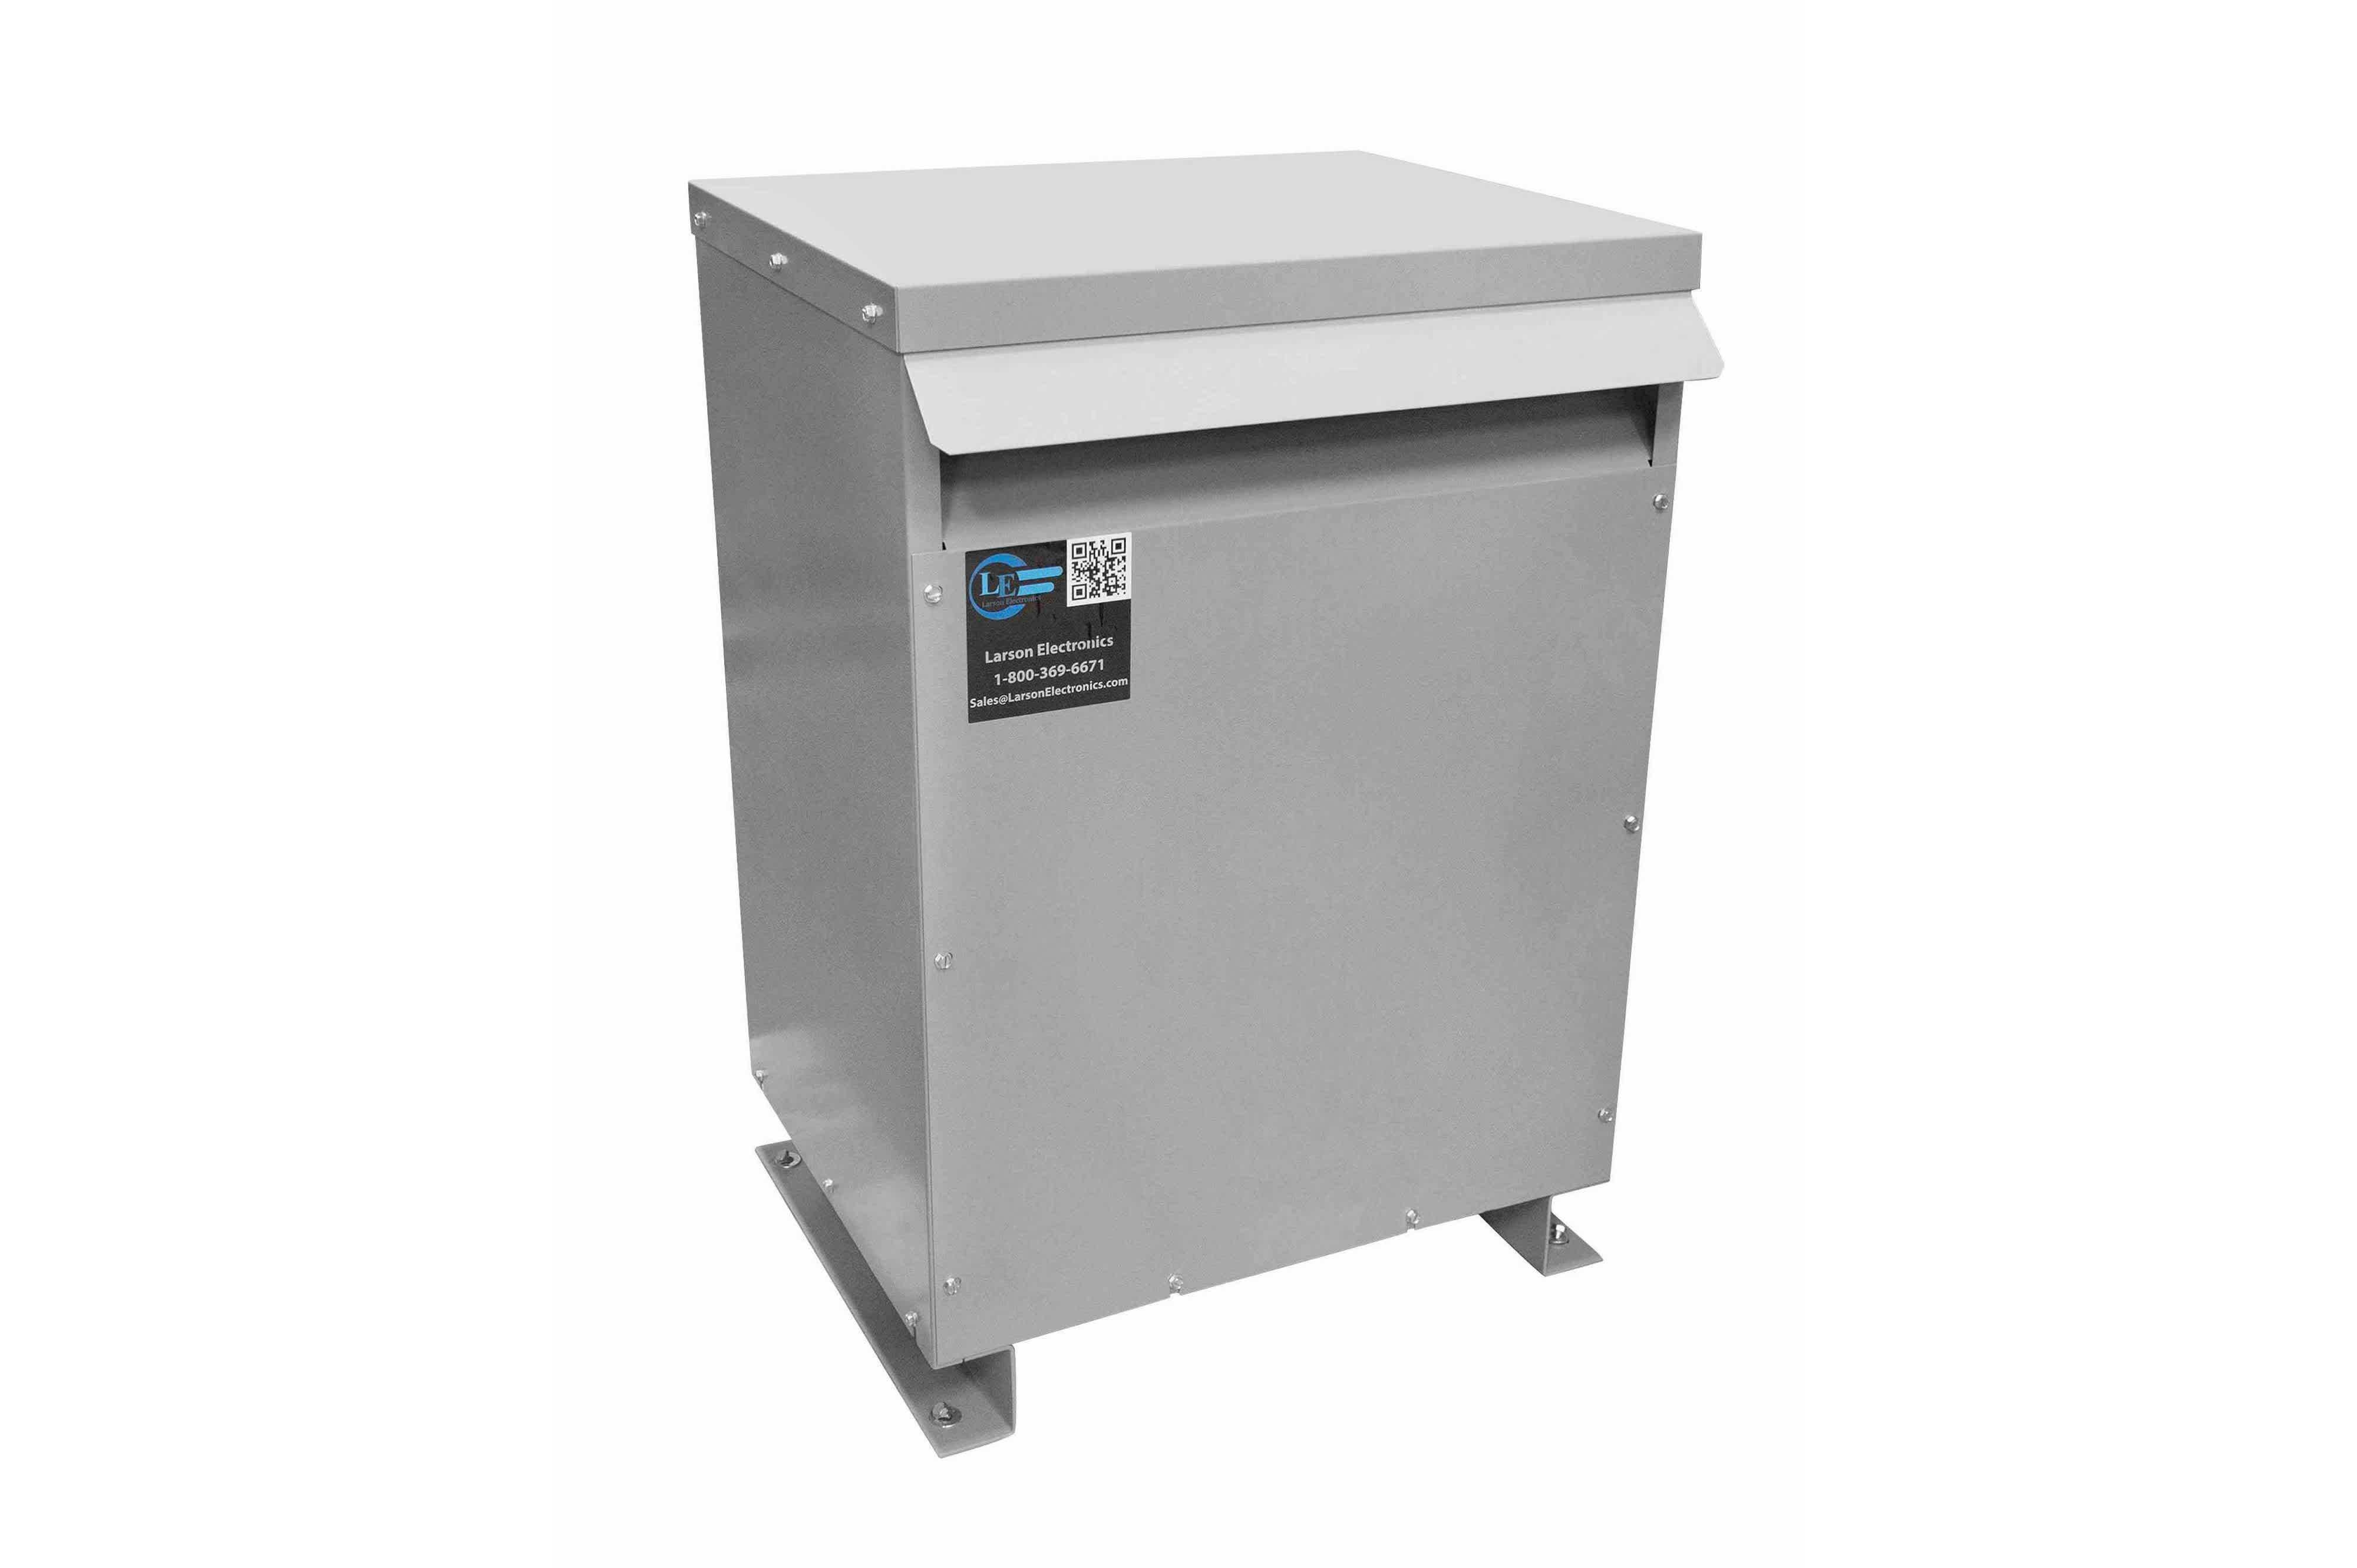 80 kVA 3PH DOE Transformer, 480V Delta Primary, 240V/120 Delta Secondary, N3R, Ventilated, 60 Hz